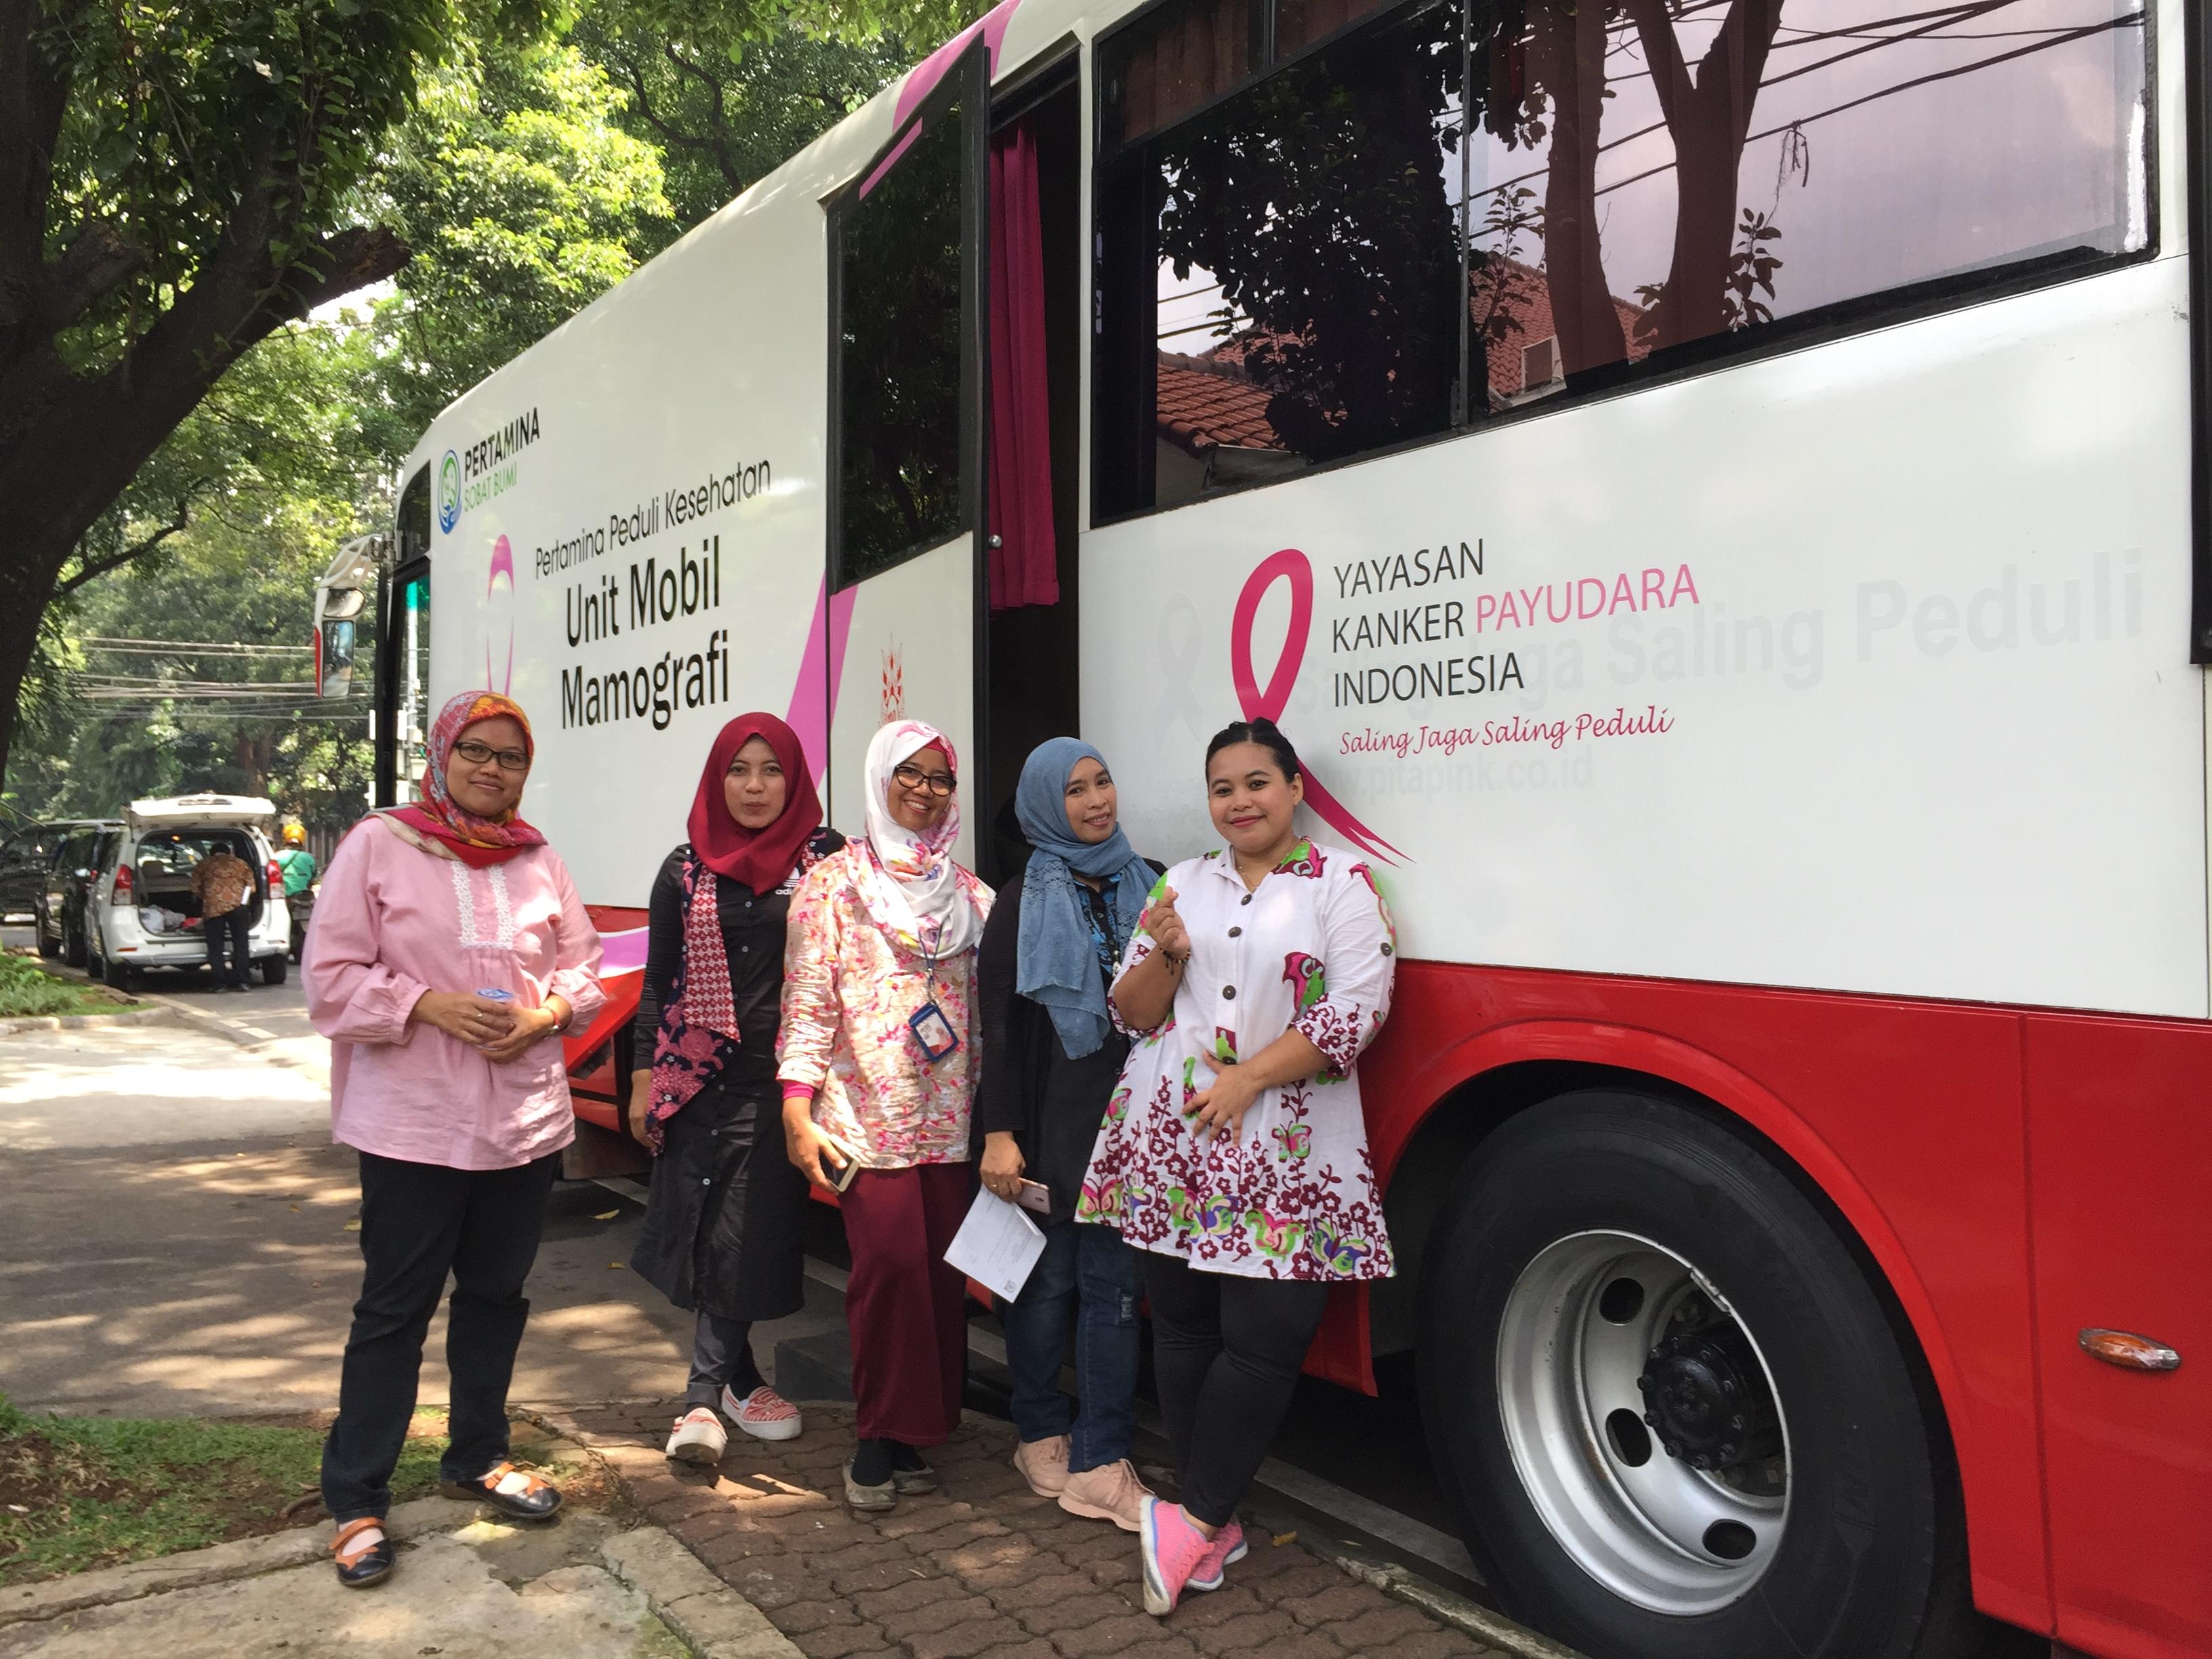 kanker payudara_mamografi_YKPI